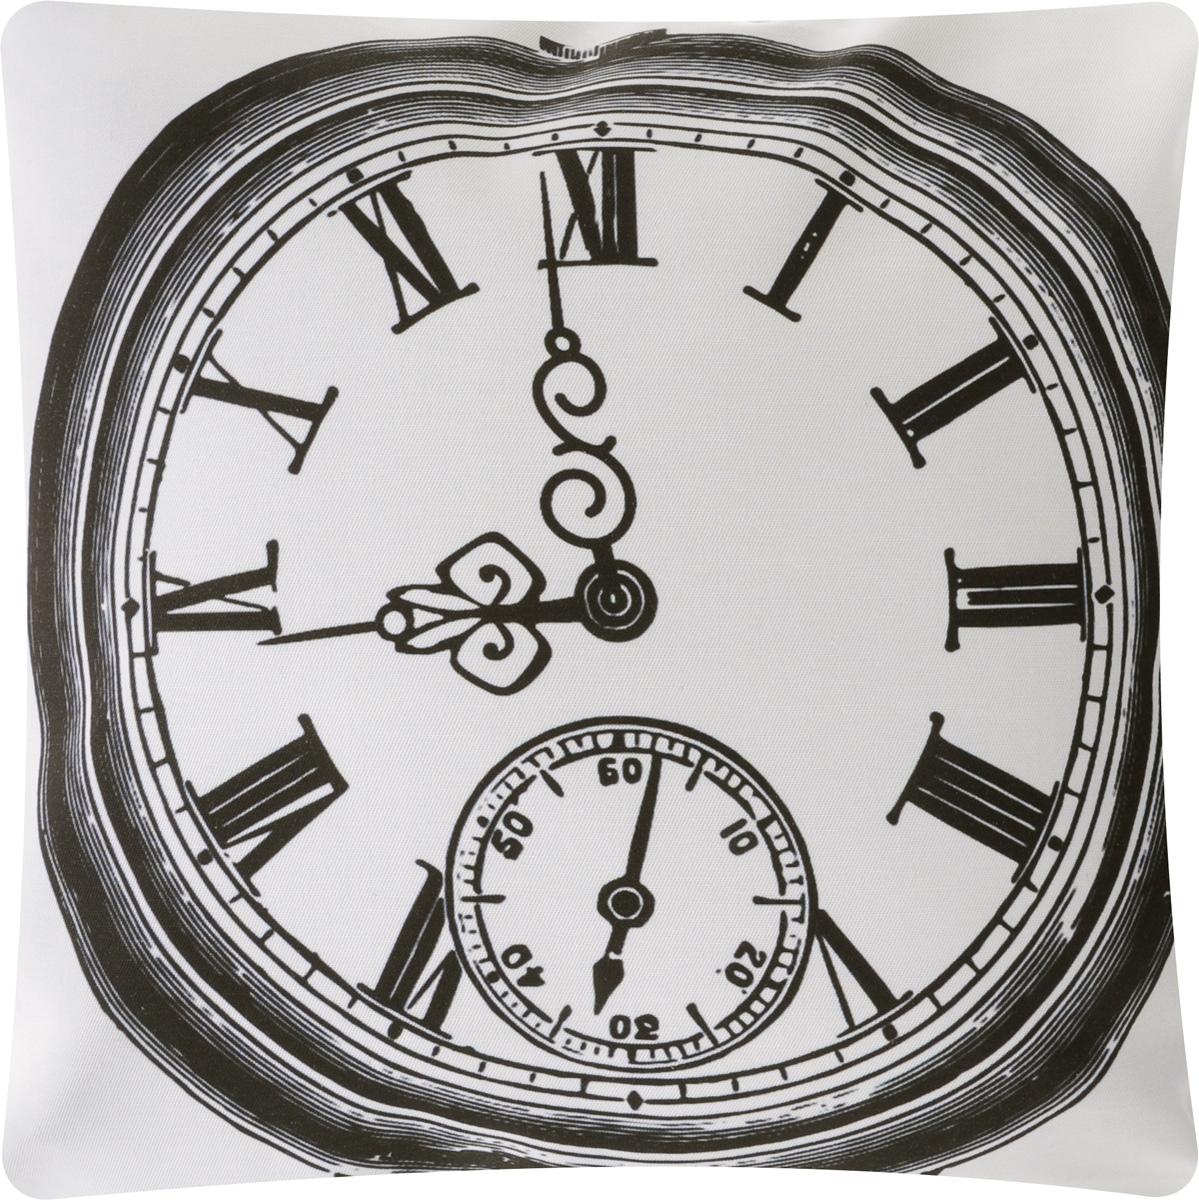 Подушка декоративная Proffi Старинные часы, цвет: белый, черный, 43 х 43 смPH5956_белыйДекоративная подушка Proffi Старинные часы -это яркое украшение вашегодома. Чехол выполнен из приятного на ощупьполиэстера и застегивается намолнию. Внутри - мягкий наполнитель,изготовленный из шариков холлофайбера. Лицевая сторона подушки украшена яркимизображением, задняя сторона -однотонная.Стильная и яркая подушка эффектно украситинтерьер и добавит в привычнуюобстановку изысканность и роскошь.